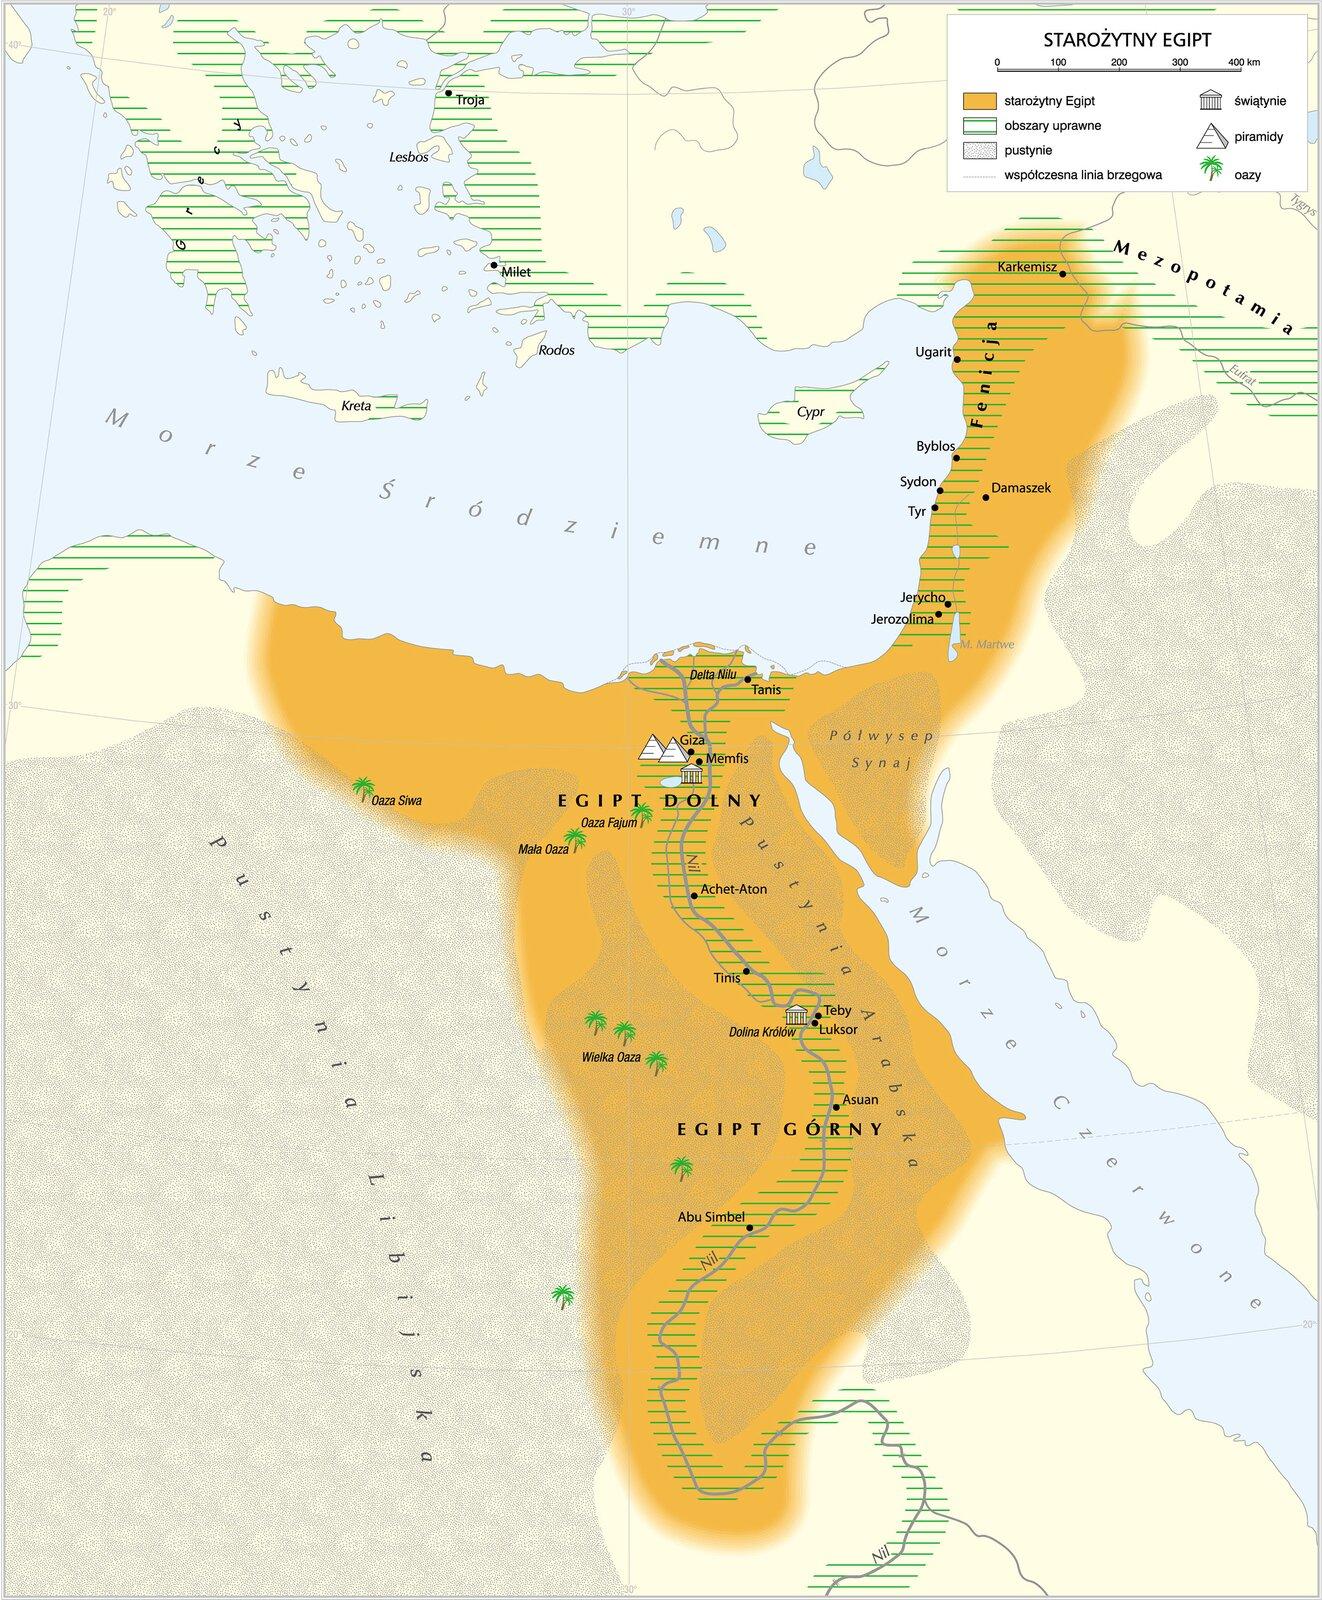 Mapa starożytnego Egiptu Mapa starożytnego Egiptu Źródło: Krystian Chariza izespół, licencja: CC BY 3.0.